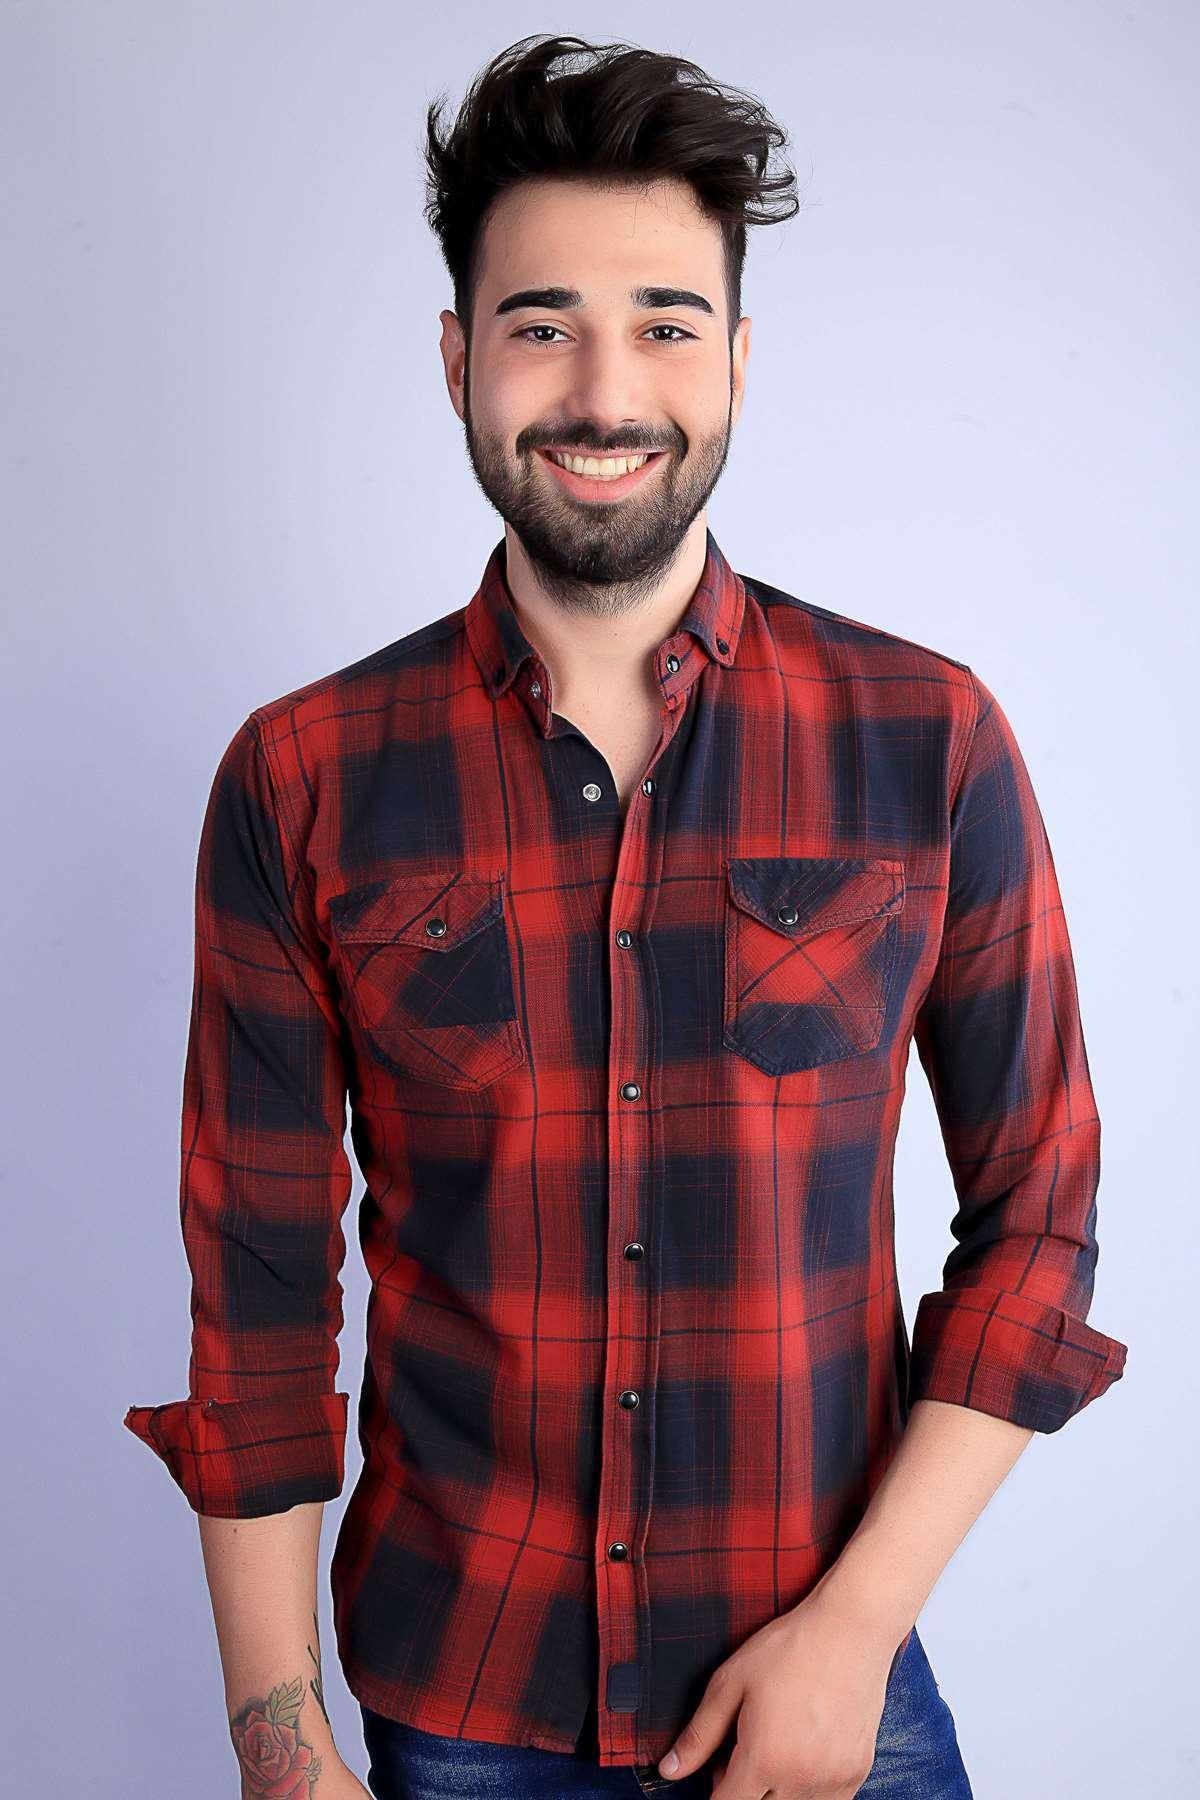 Çıtçıt Düğmeli Çift Cep Enine Boyuna Çizgili Slim Fit Gömlek Bordo-Siyah